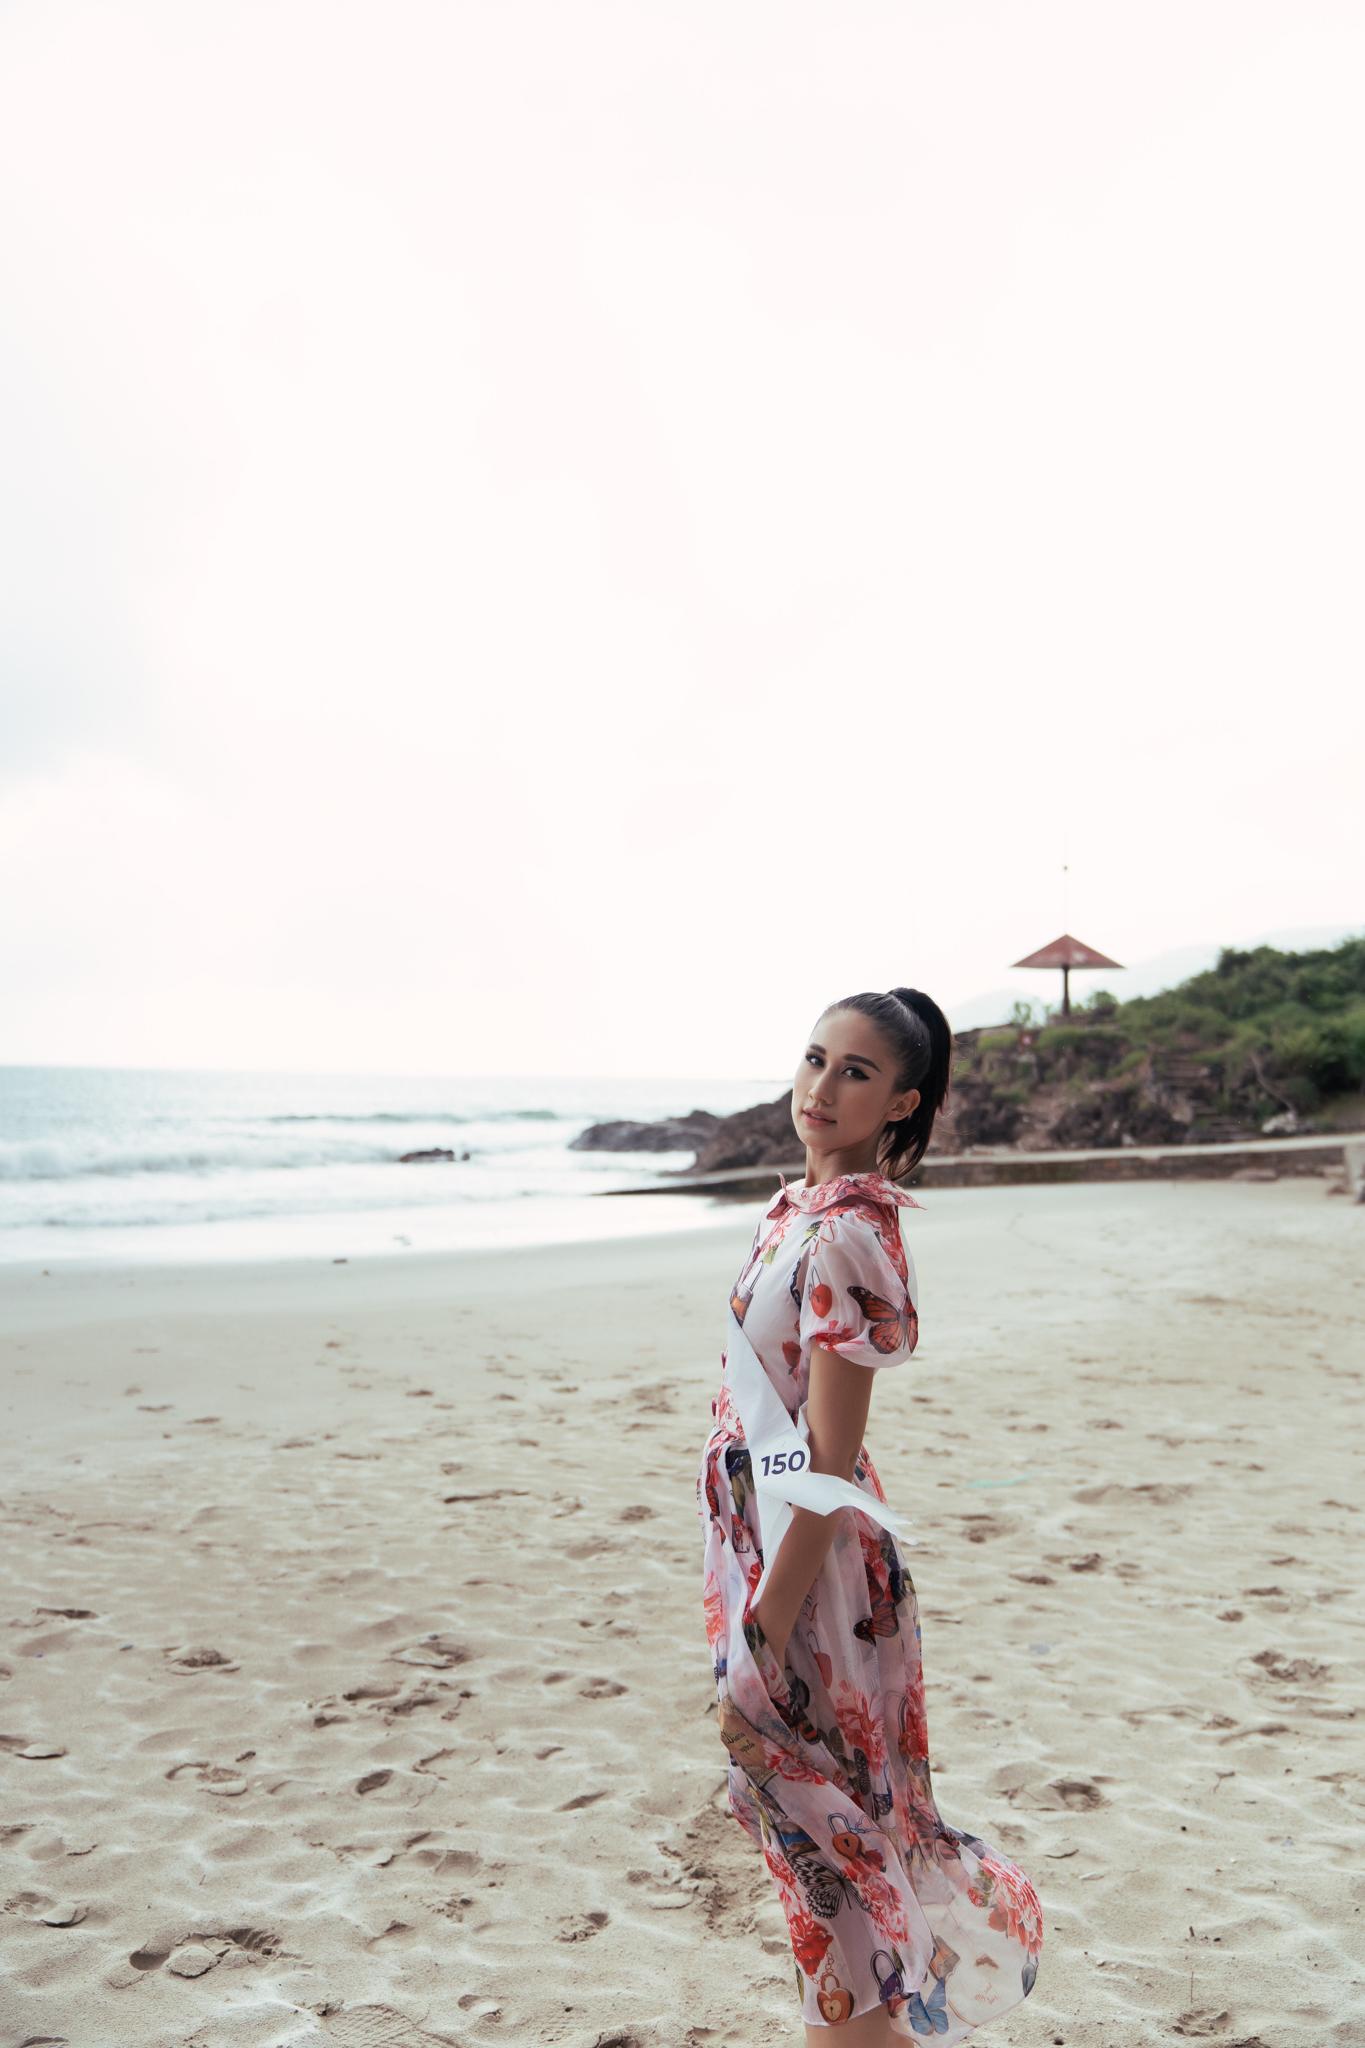 Top 45 thí sinh HHHV Việt Nam 2019 hóa nàng thơ tại bãi biển Nhũ Tiên1